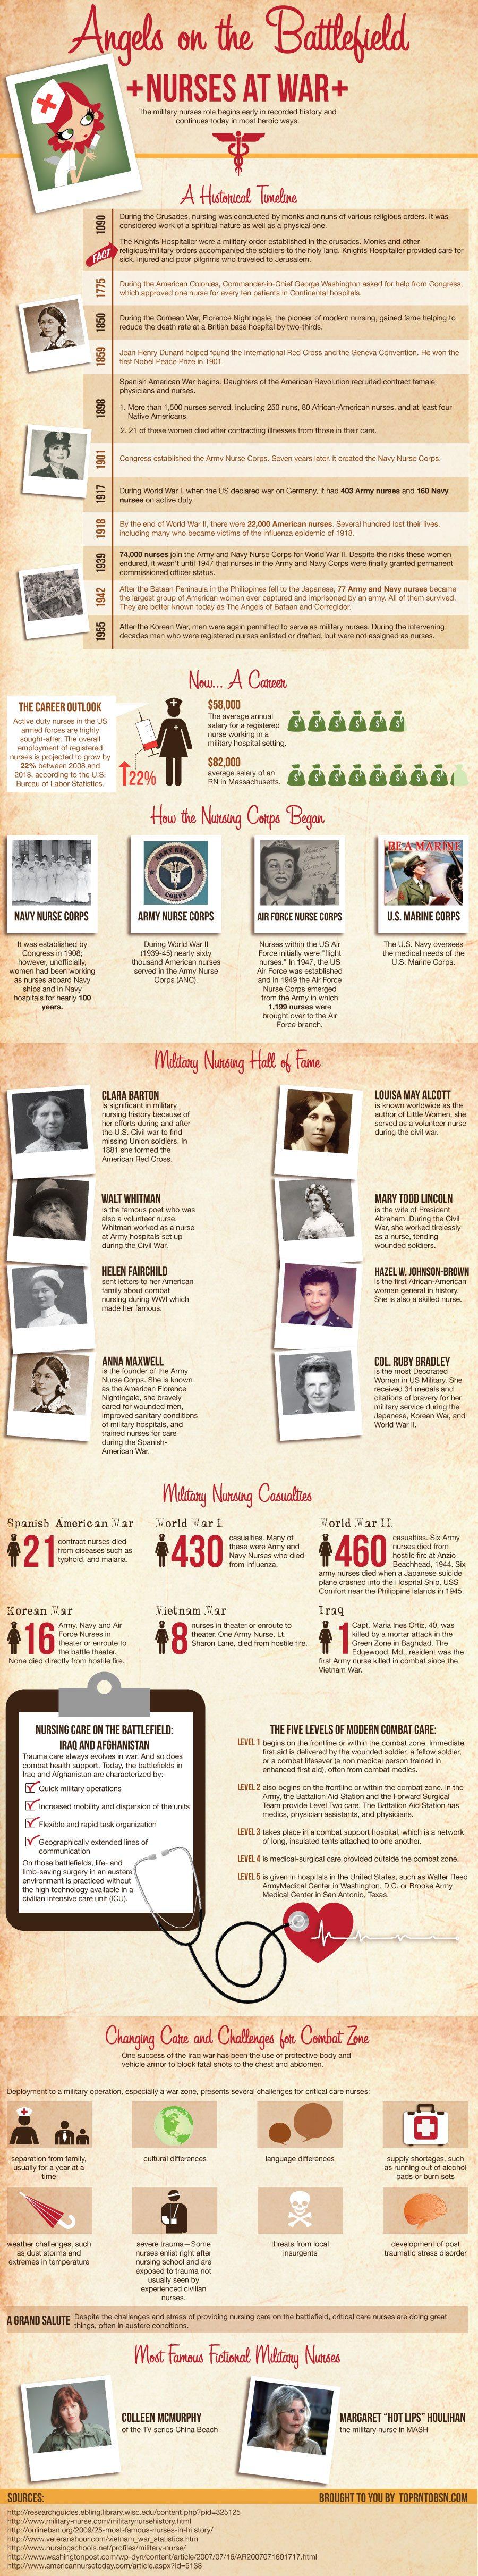 history-of-nurses